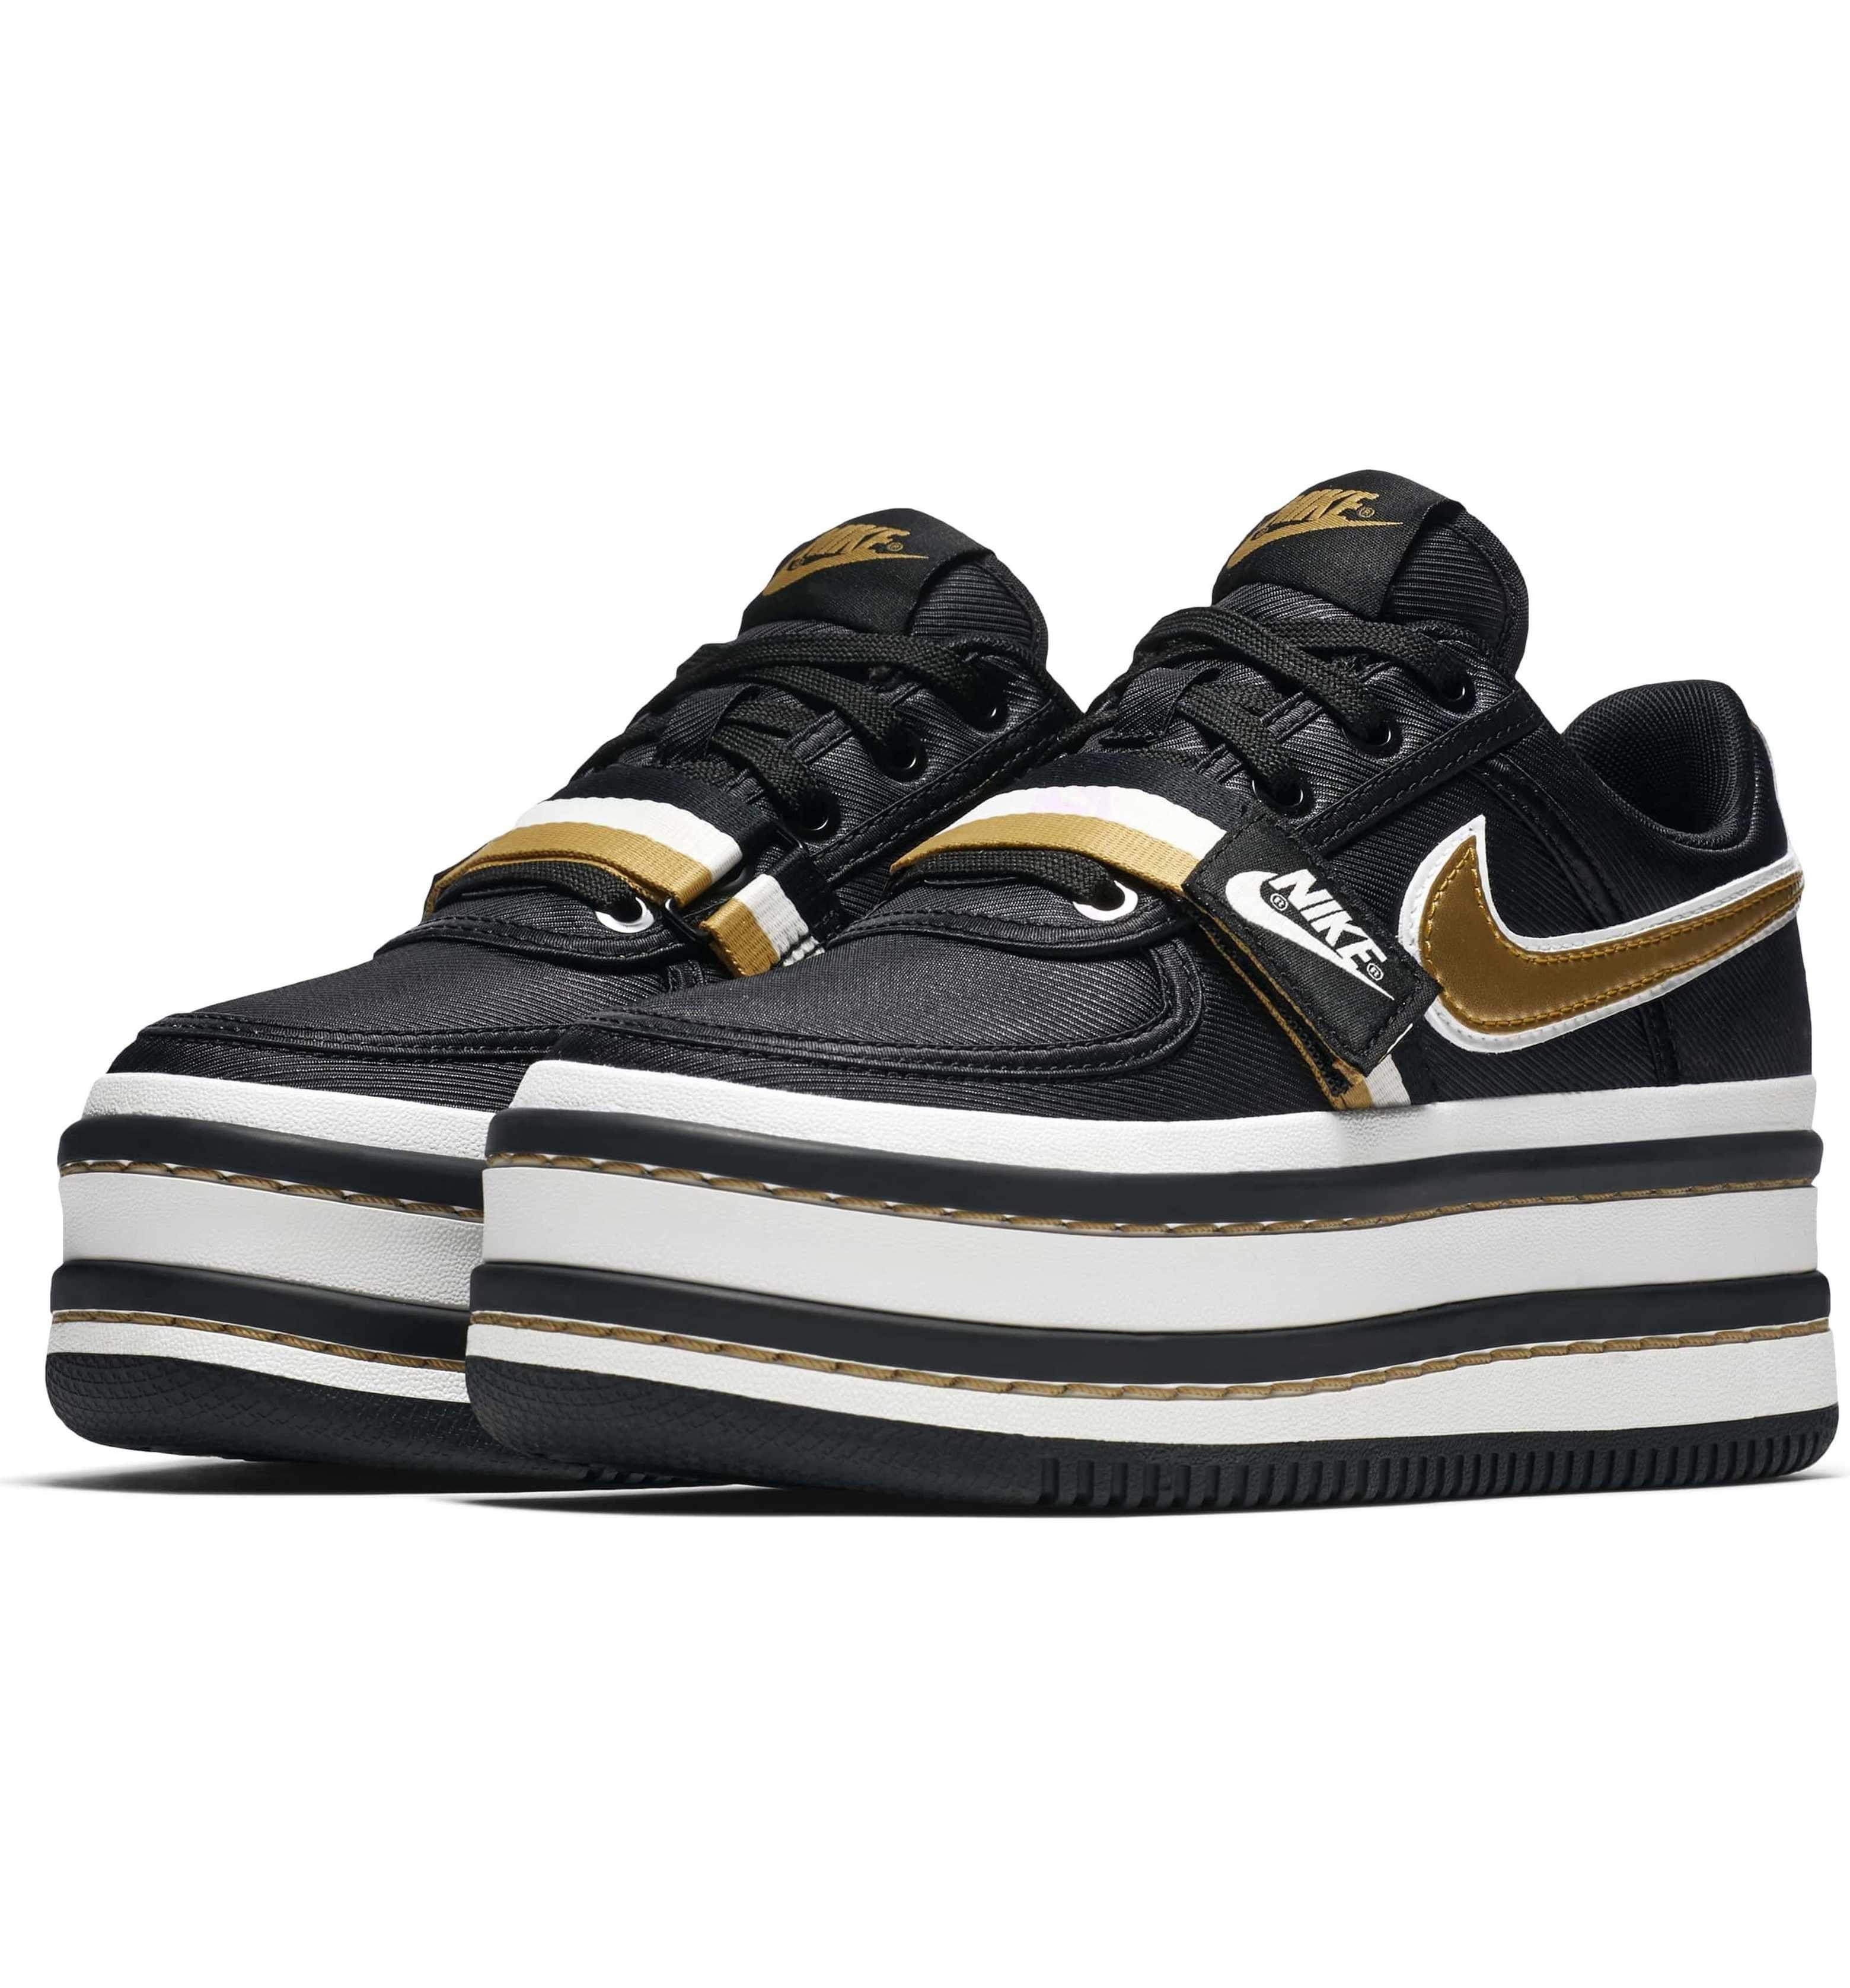 03d45ed0b5b Main Image - Nike Vandal 2K Sneaker (Women)